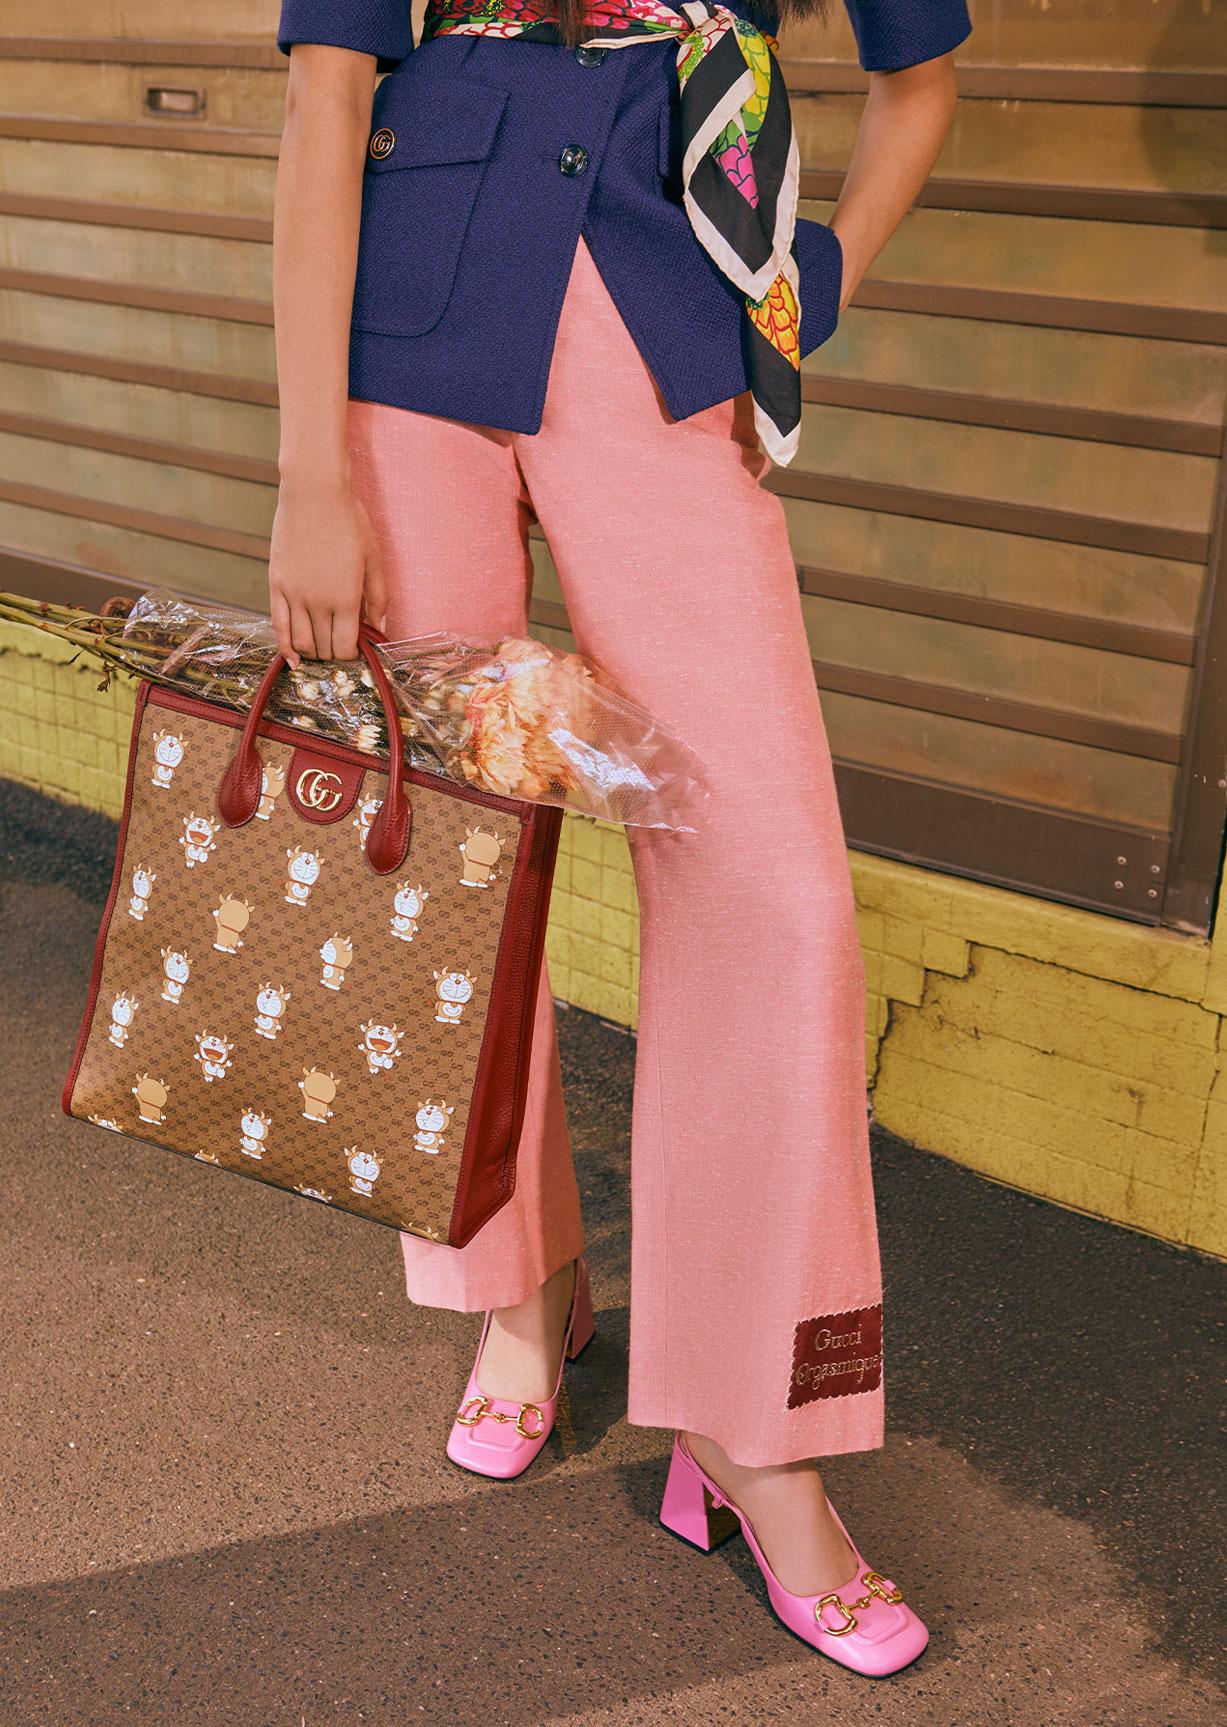 Обувь и сумочки новой коллекции Doraemon x Gucci / фото 12